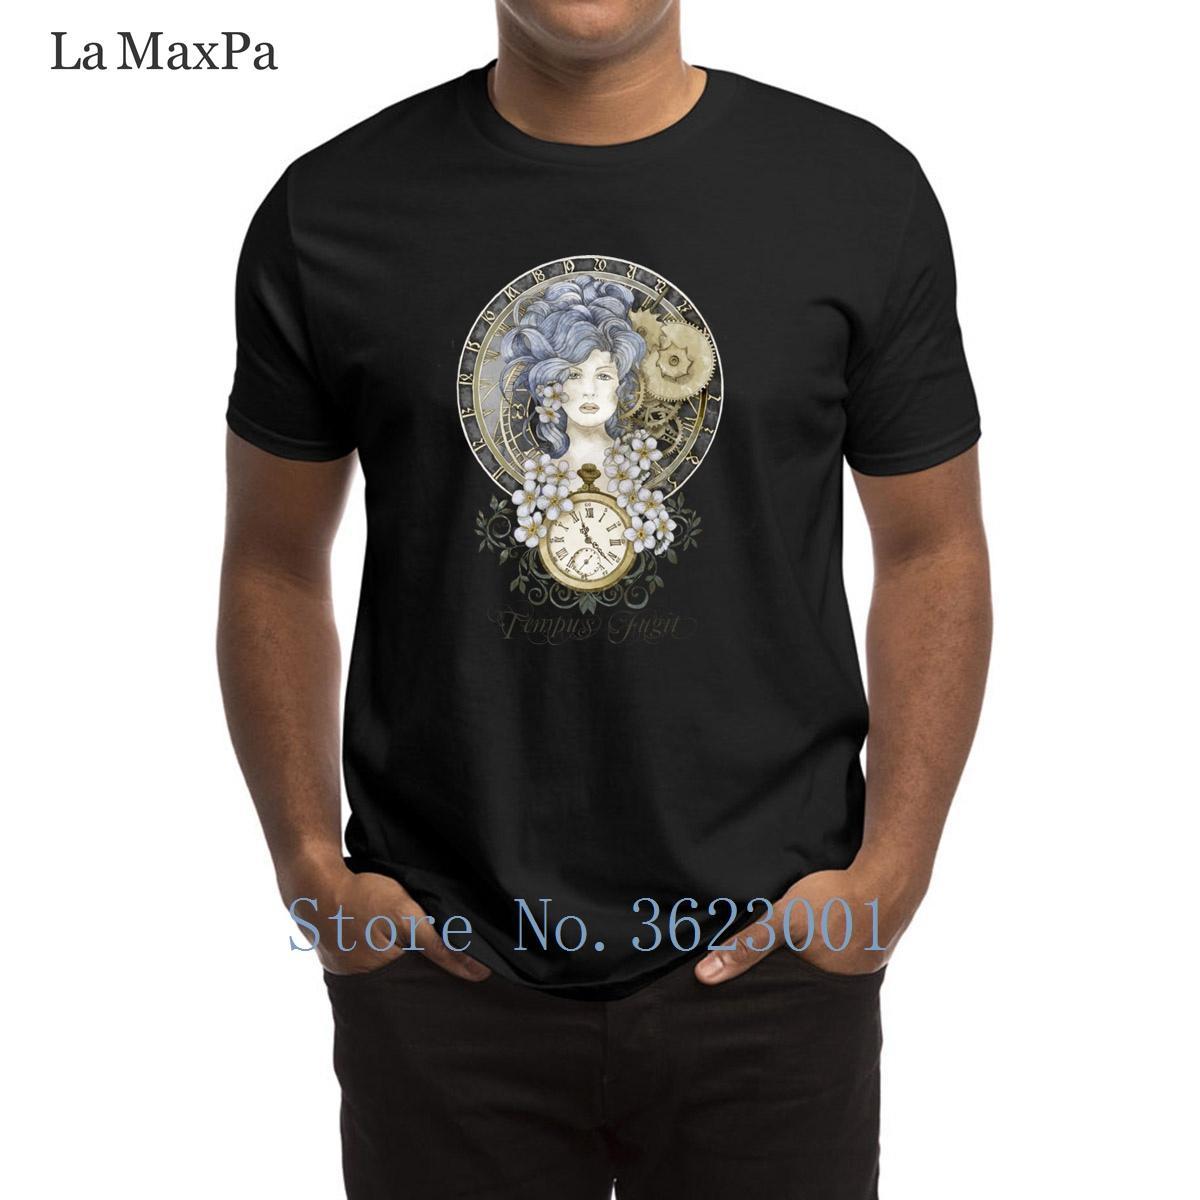 Tempus Fugit maglietta creativa Vintage T-shirt per Uomo Slim Fit Abbigliamento Tee Shirt Super O-Collo maglietta per i Mens superiore